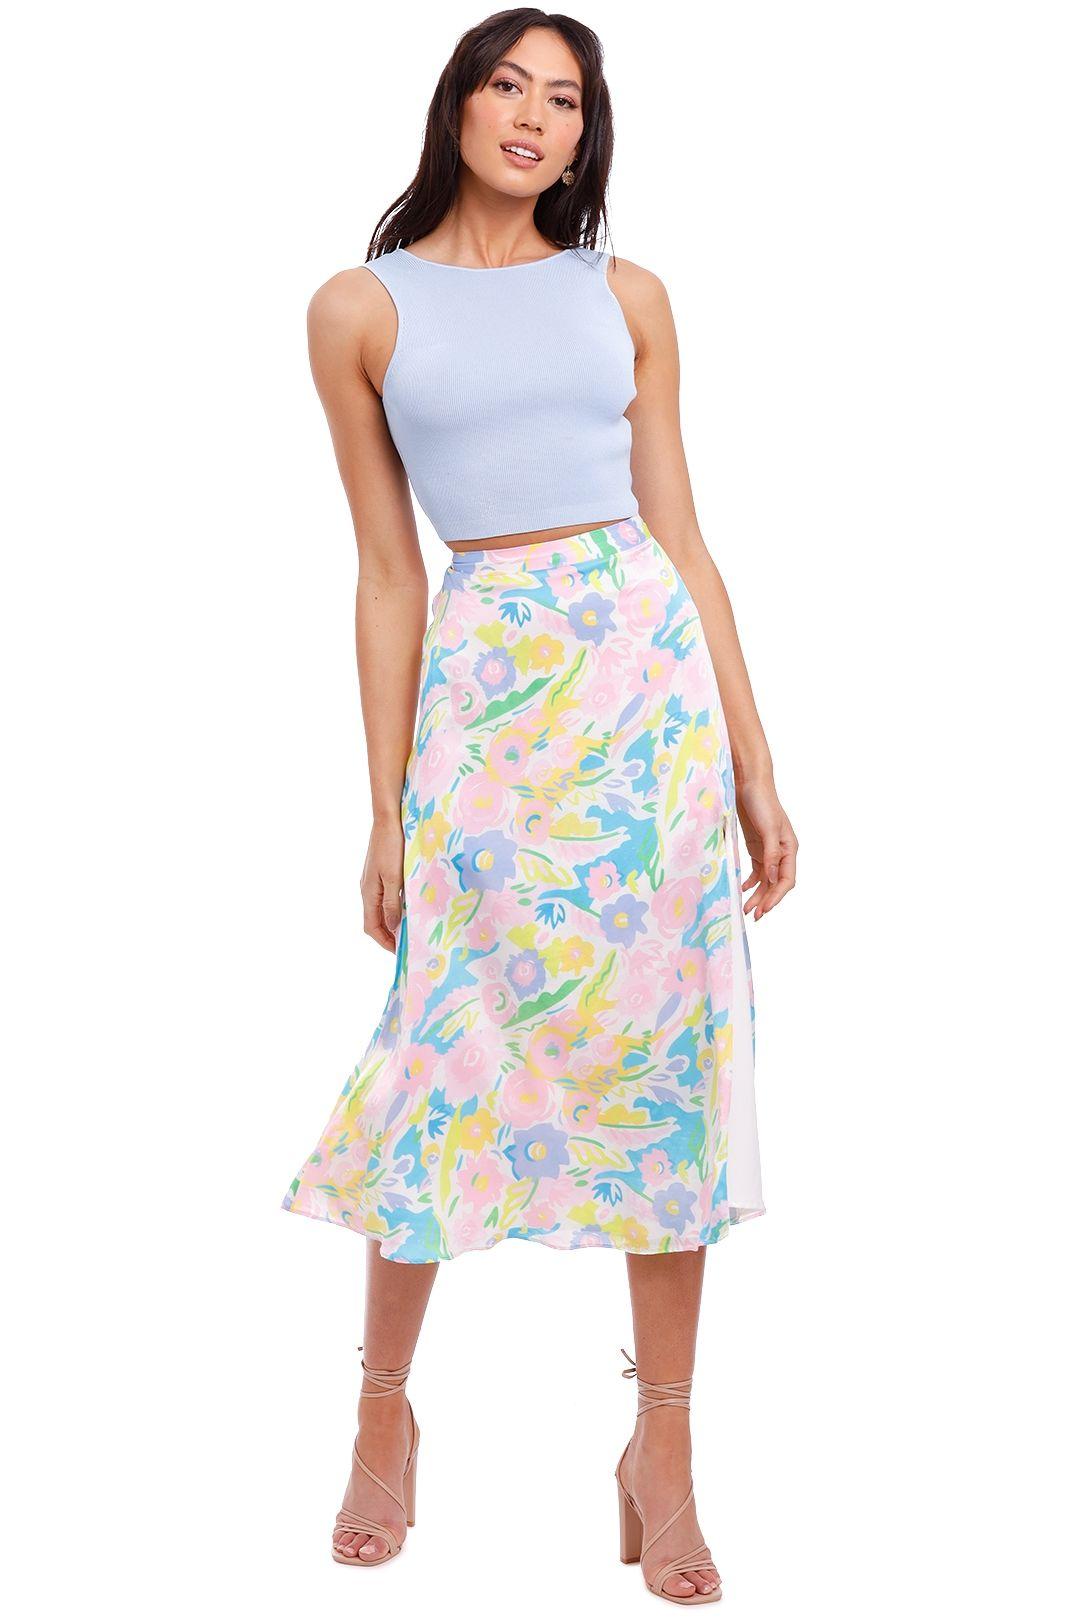 Bec and Bridge Sorbet Summer Knit Twist Top